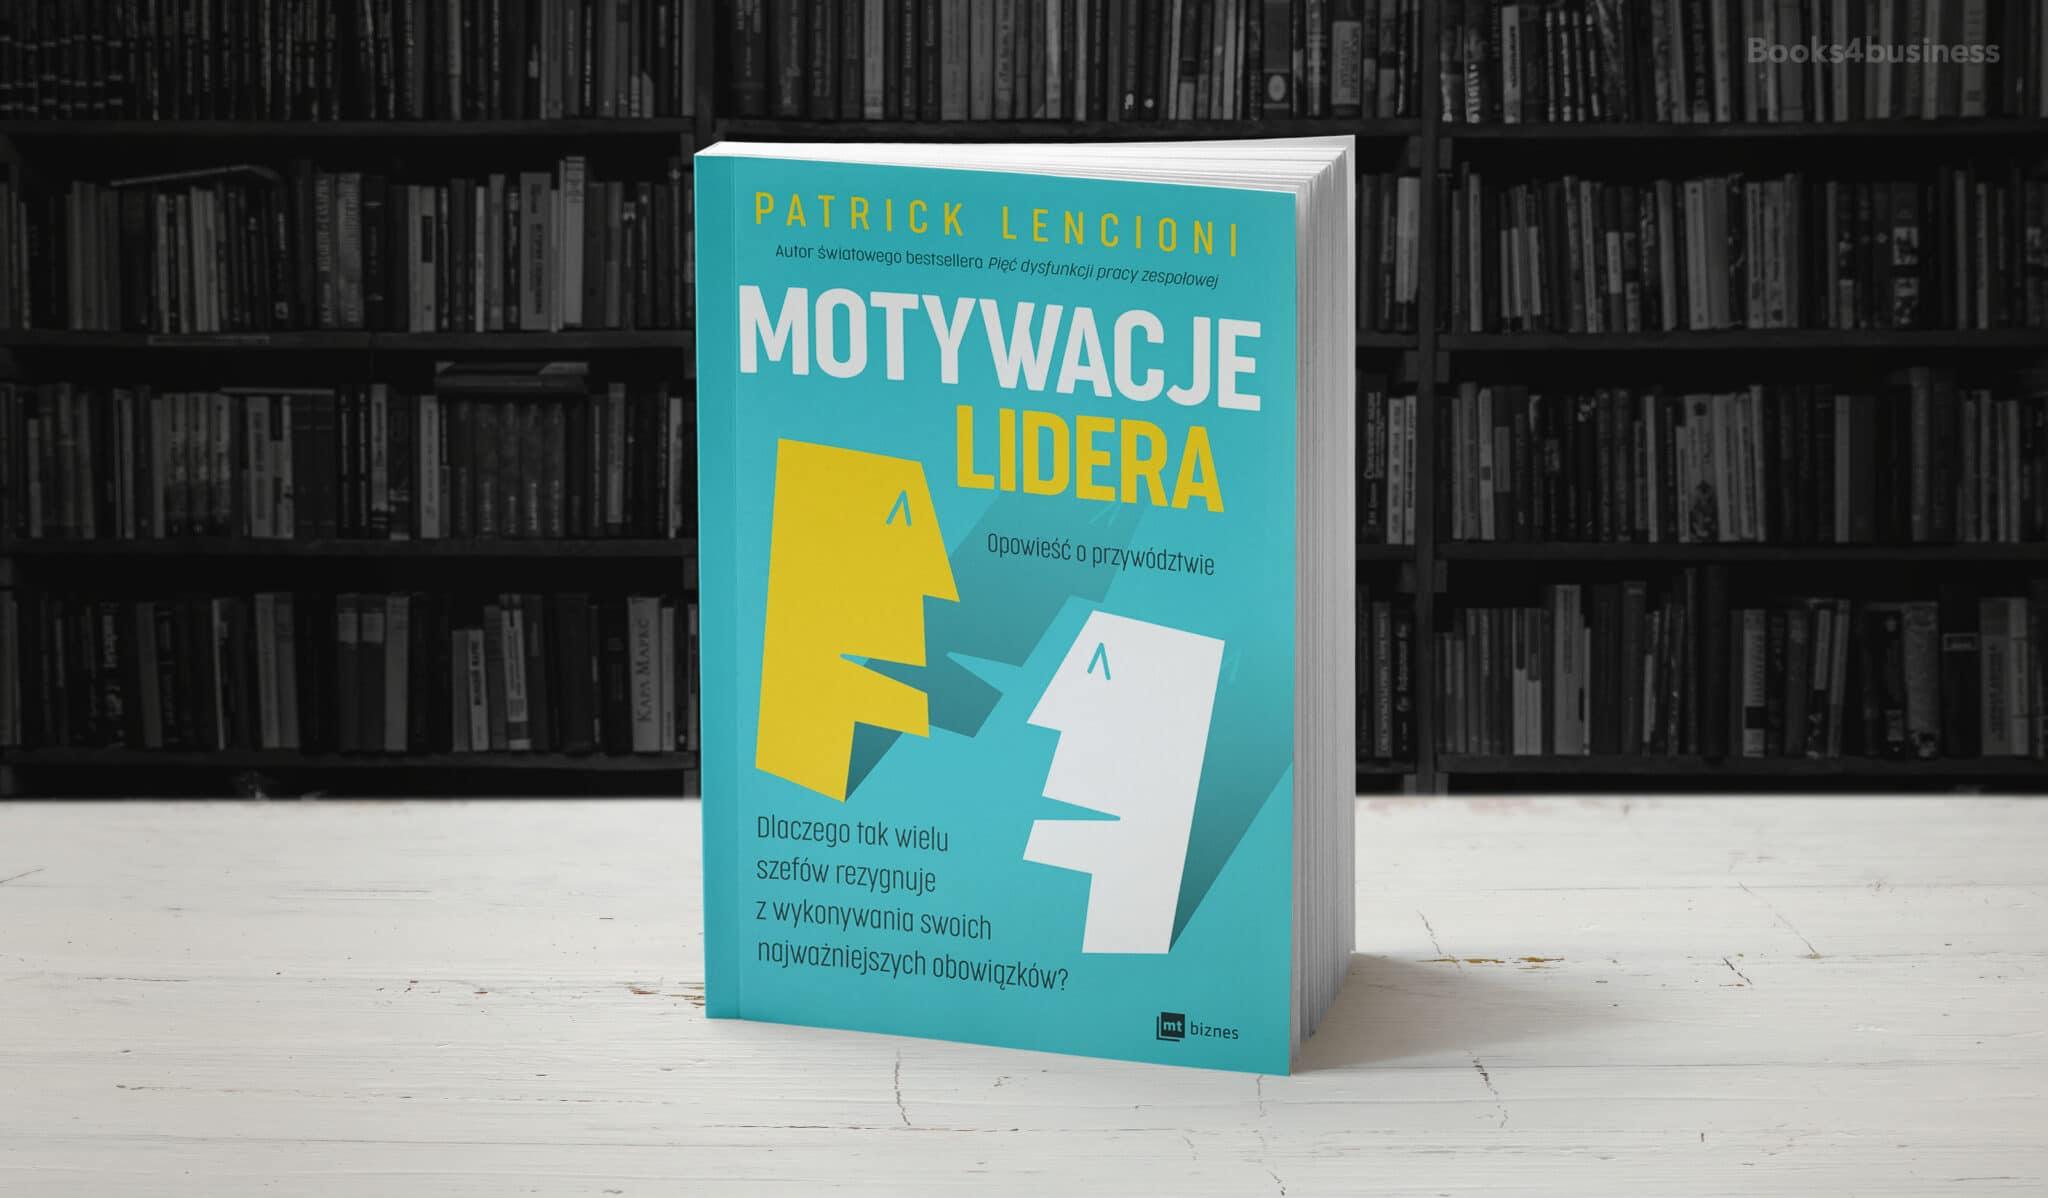 Motywacje lidera. Dlaczego tak wielu szefów rezygnuje z wykonywania swoich najważniejszych obowiązków?